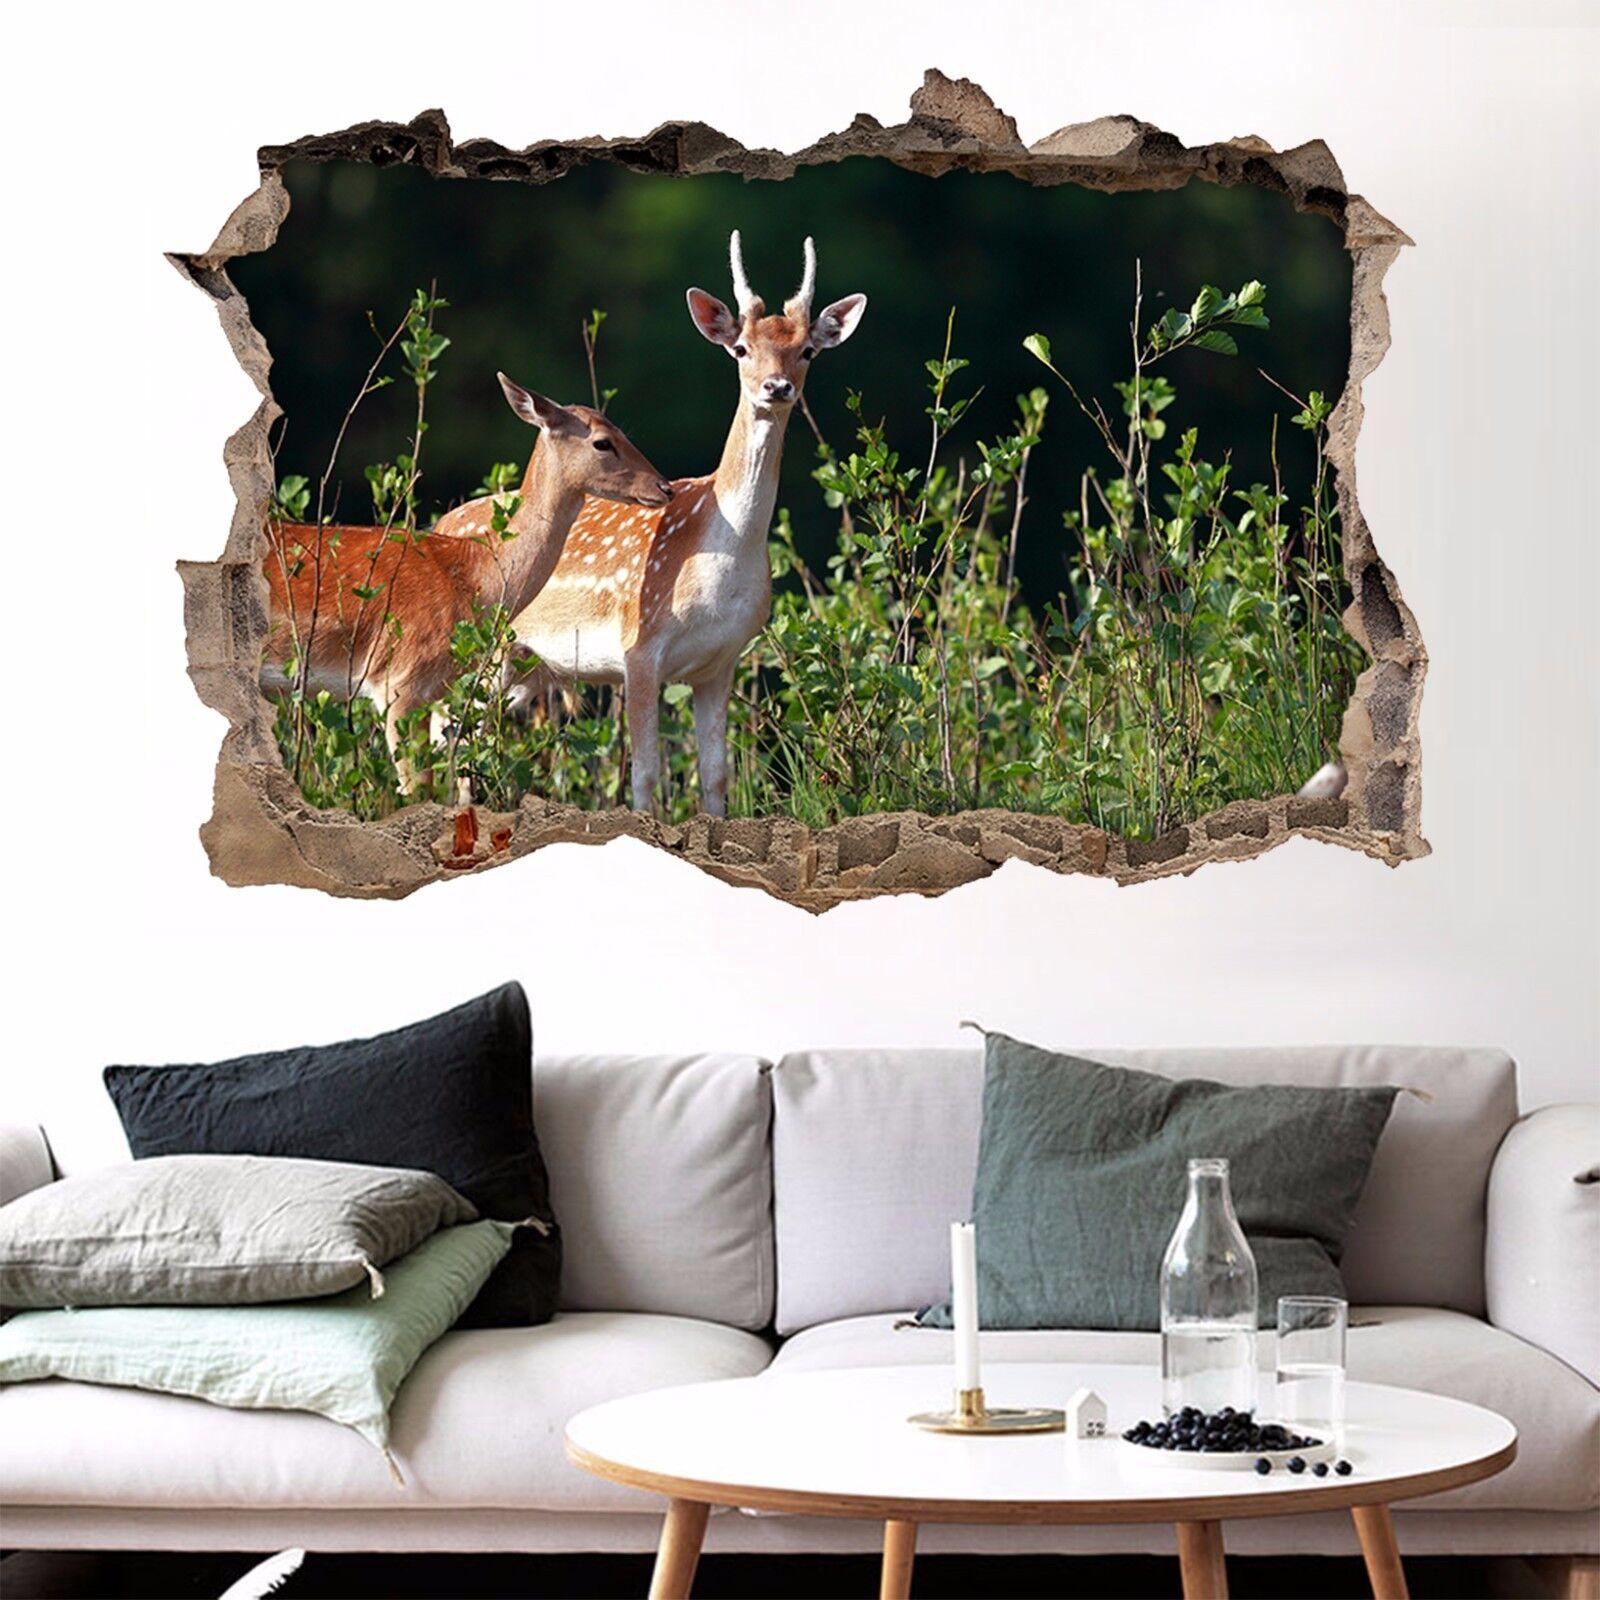 3D Hirsch Busch 812 Mauer Murals Mauer Aufklebe Decal Durchbruch AJ WALLPAPER DE